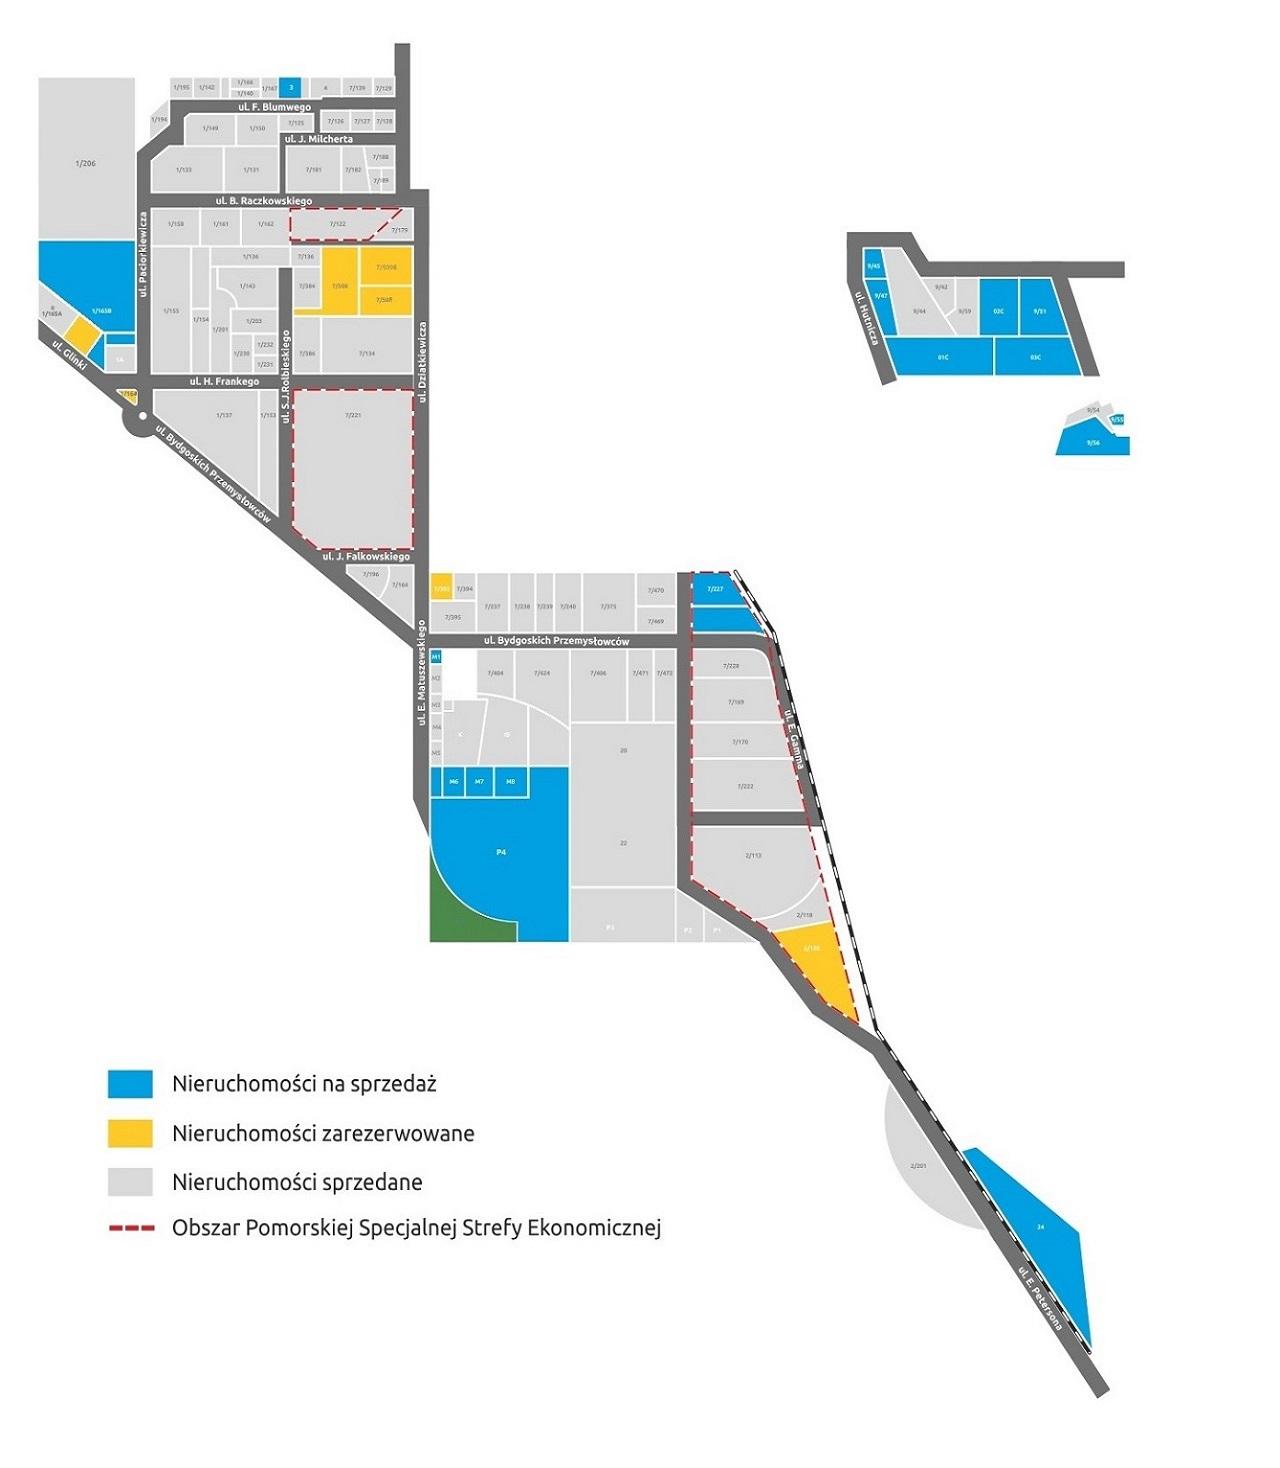 Mapa terenów inwestycyjnych